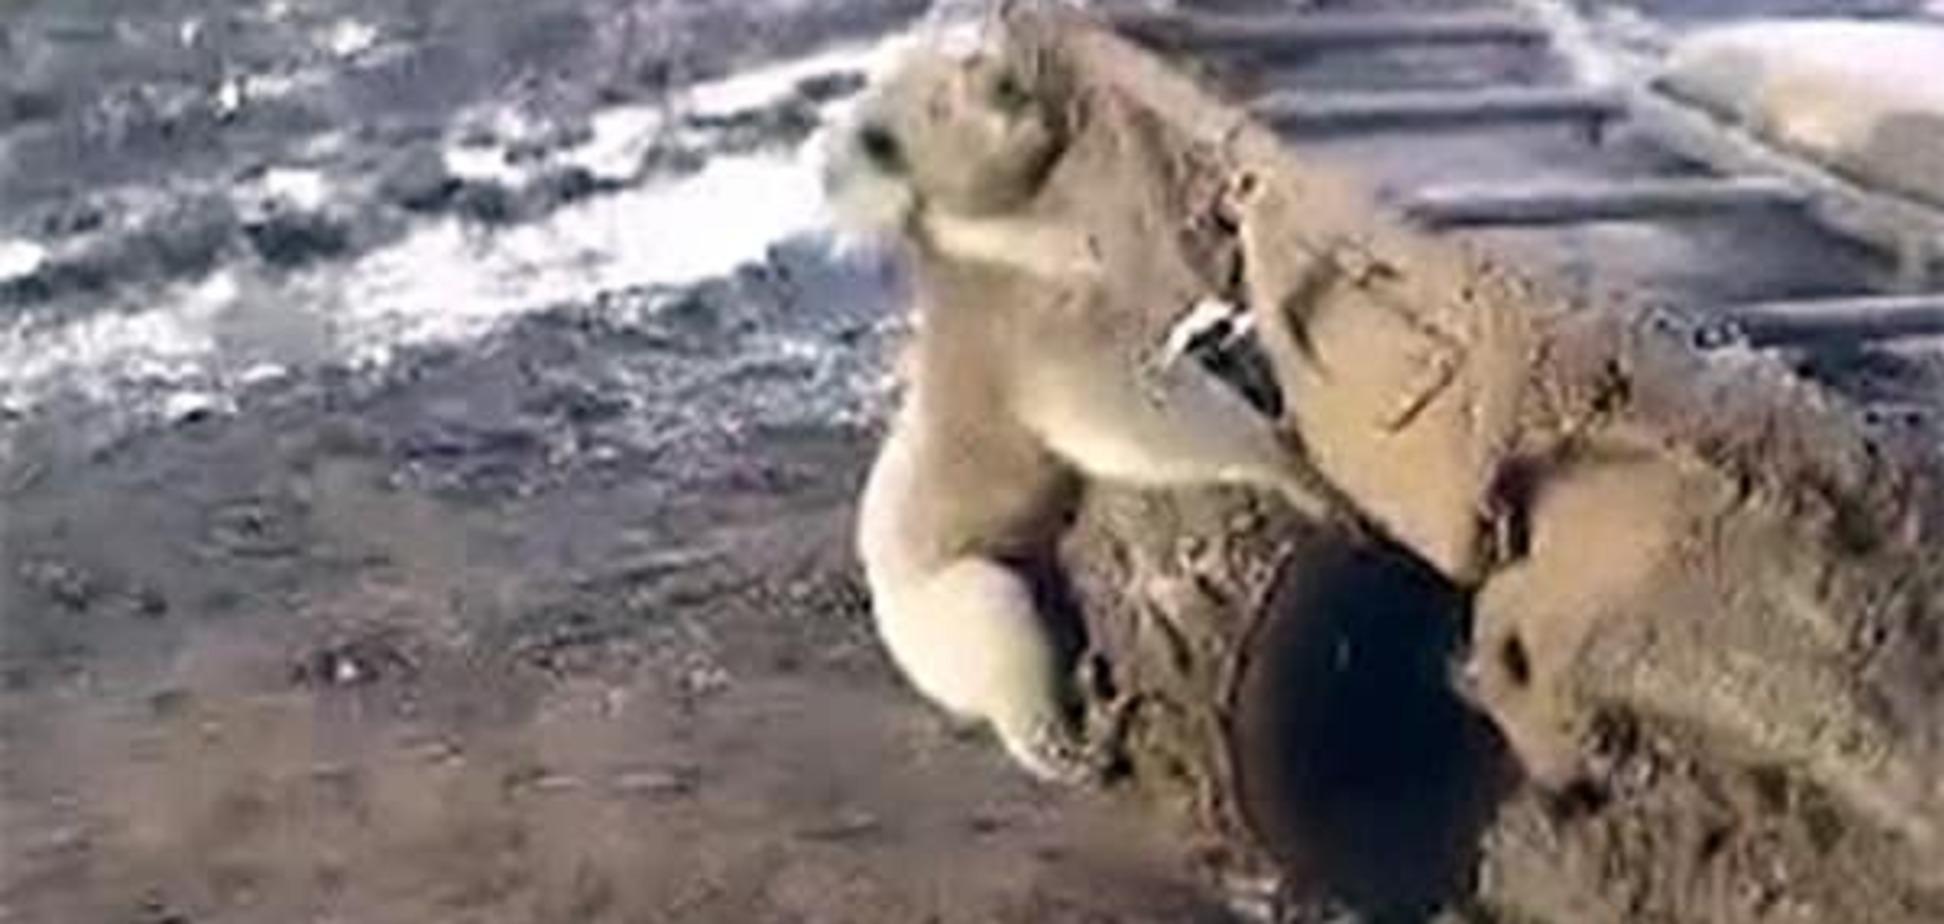 В сети набирает популярности видео с безумной коалой, оседлавшей квадроцикл